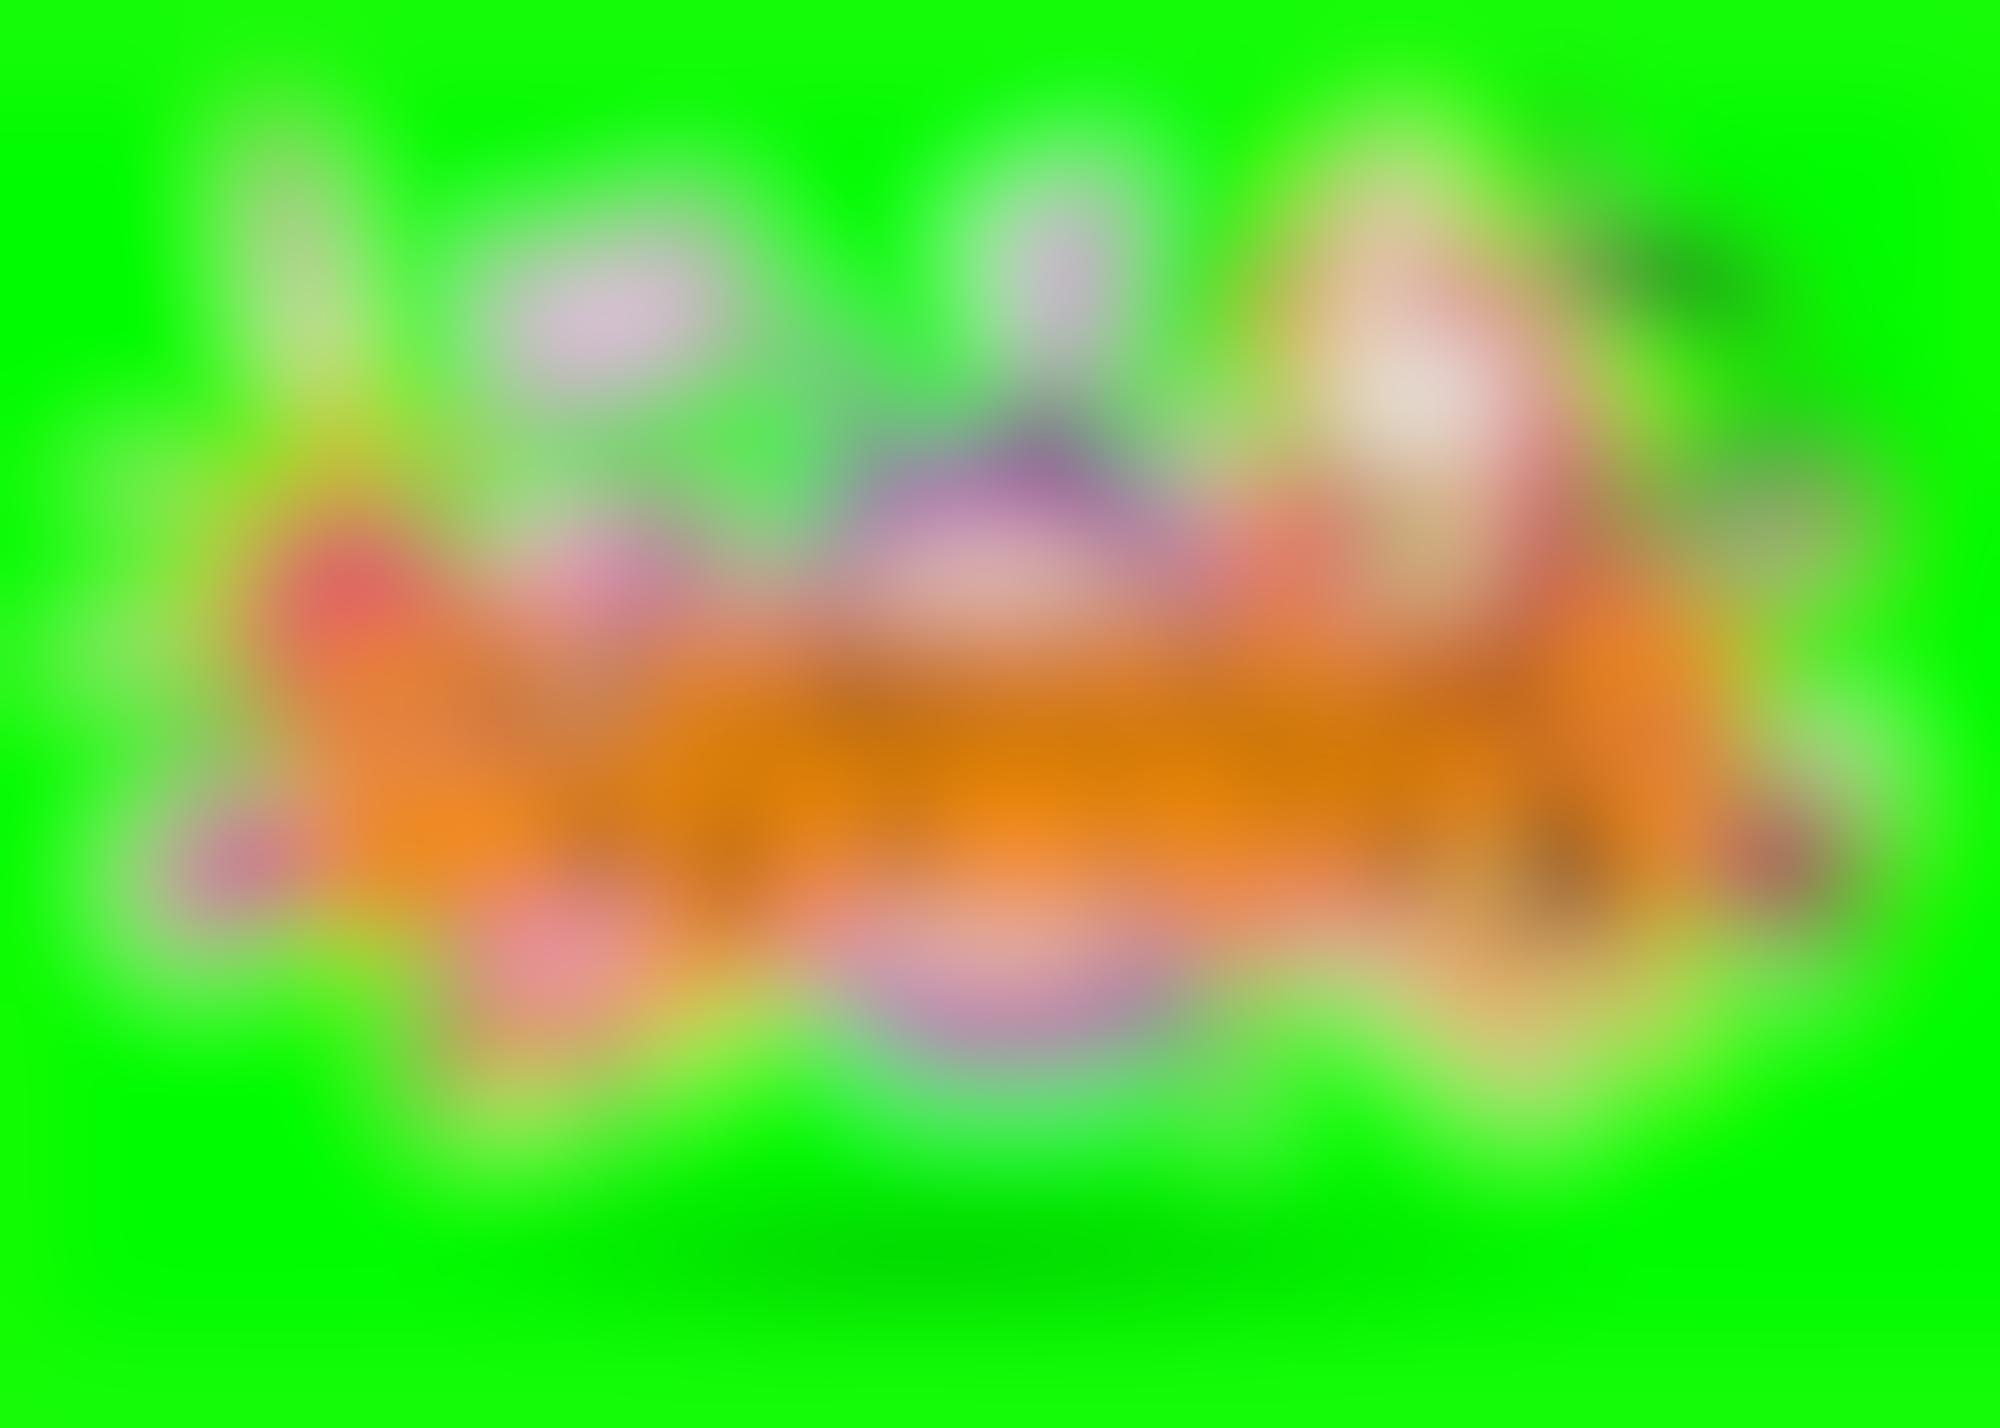 005 1 autocompressfitresizeixlibphp 1 1 0max h2000max w3 D2000q80sdfa5d063b0e7e3ba07f08ab7a21c7f03